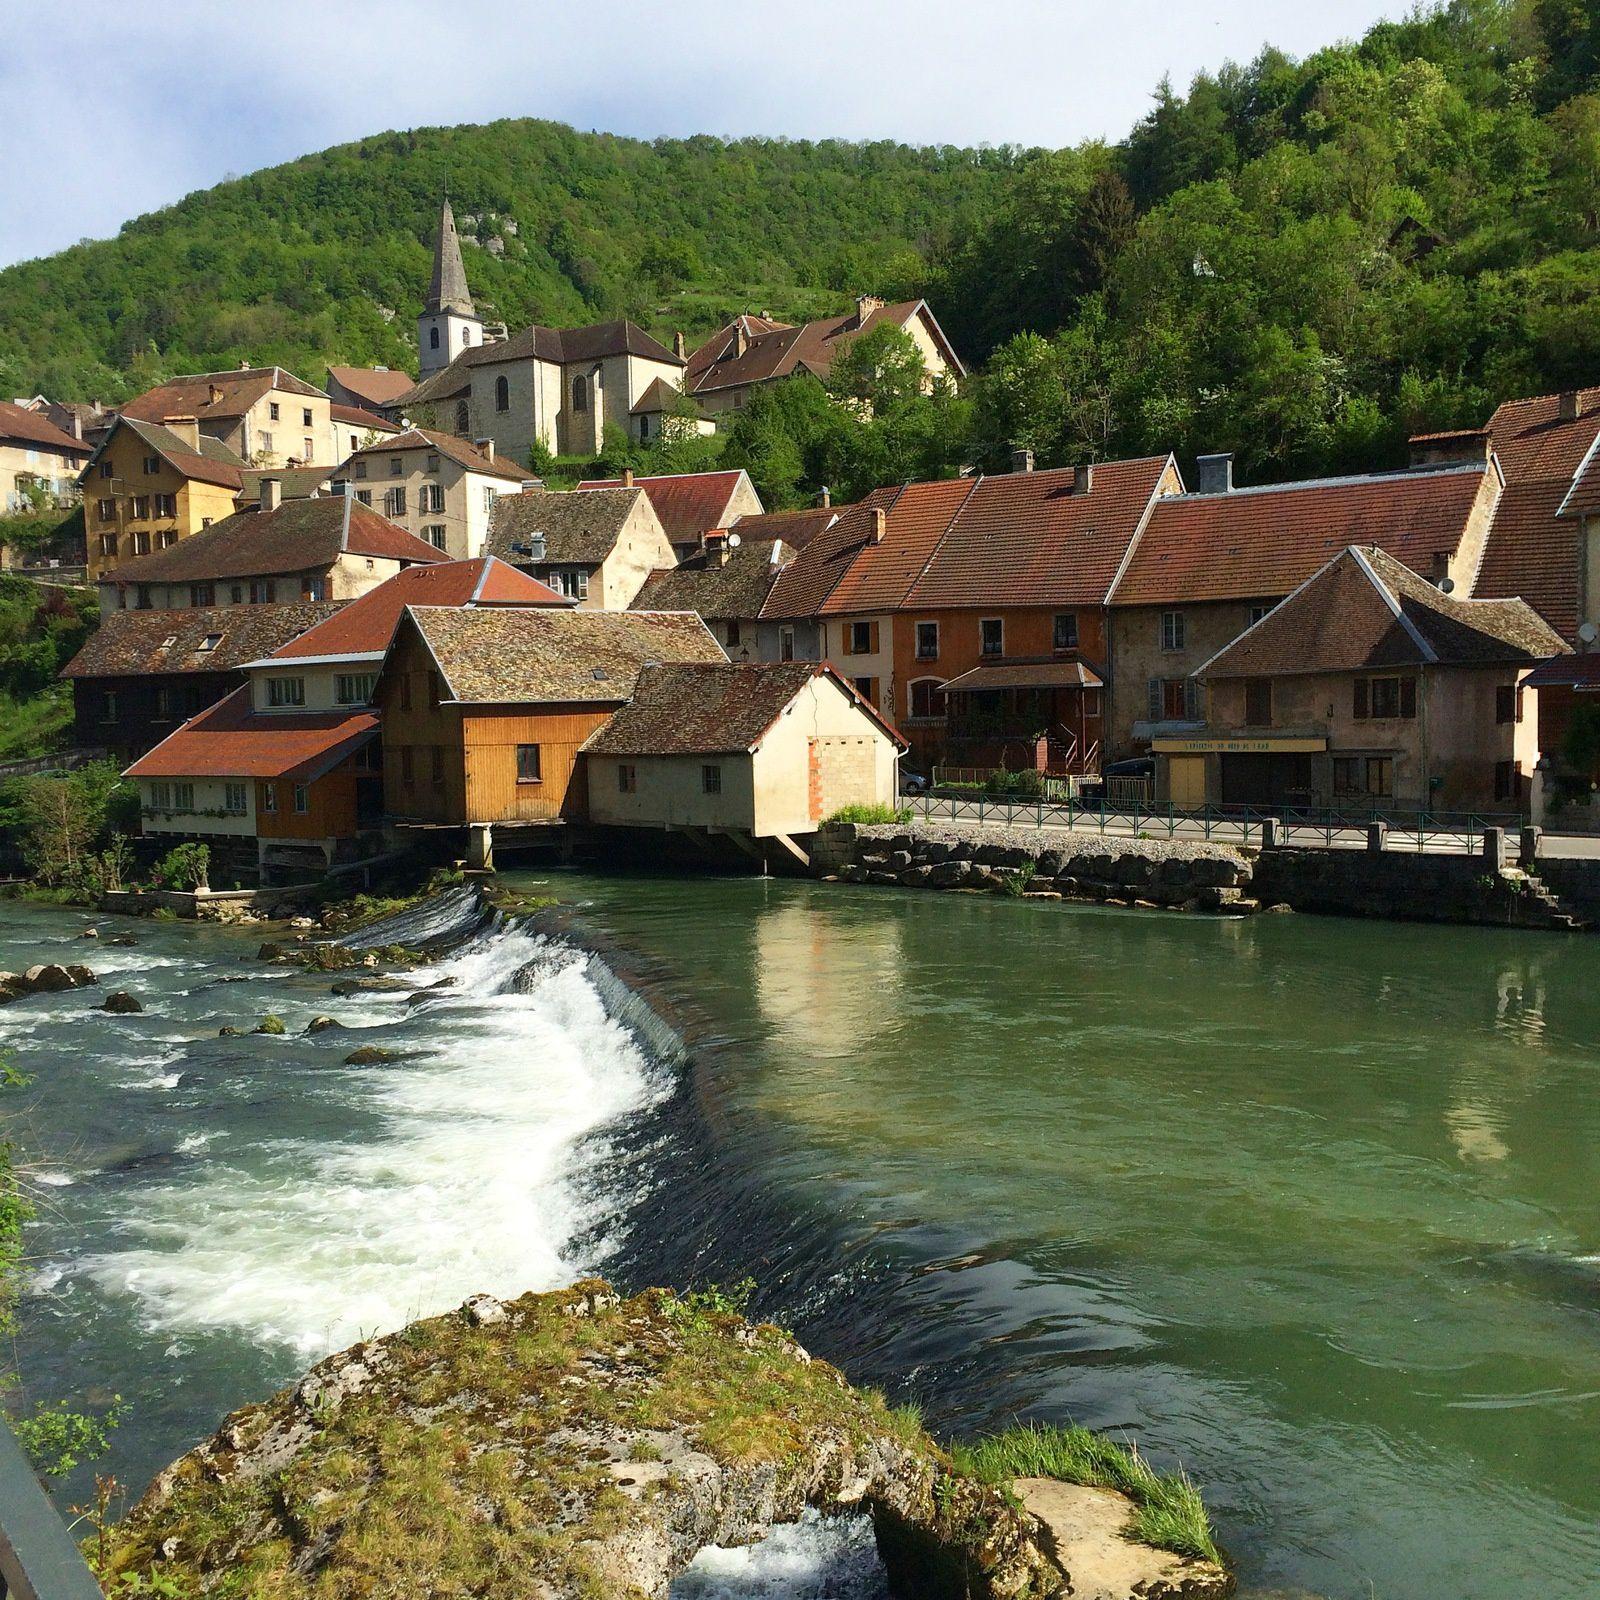 Lods, classé parmi les plus beaux villages de France